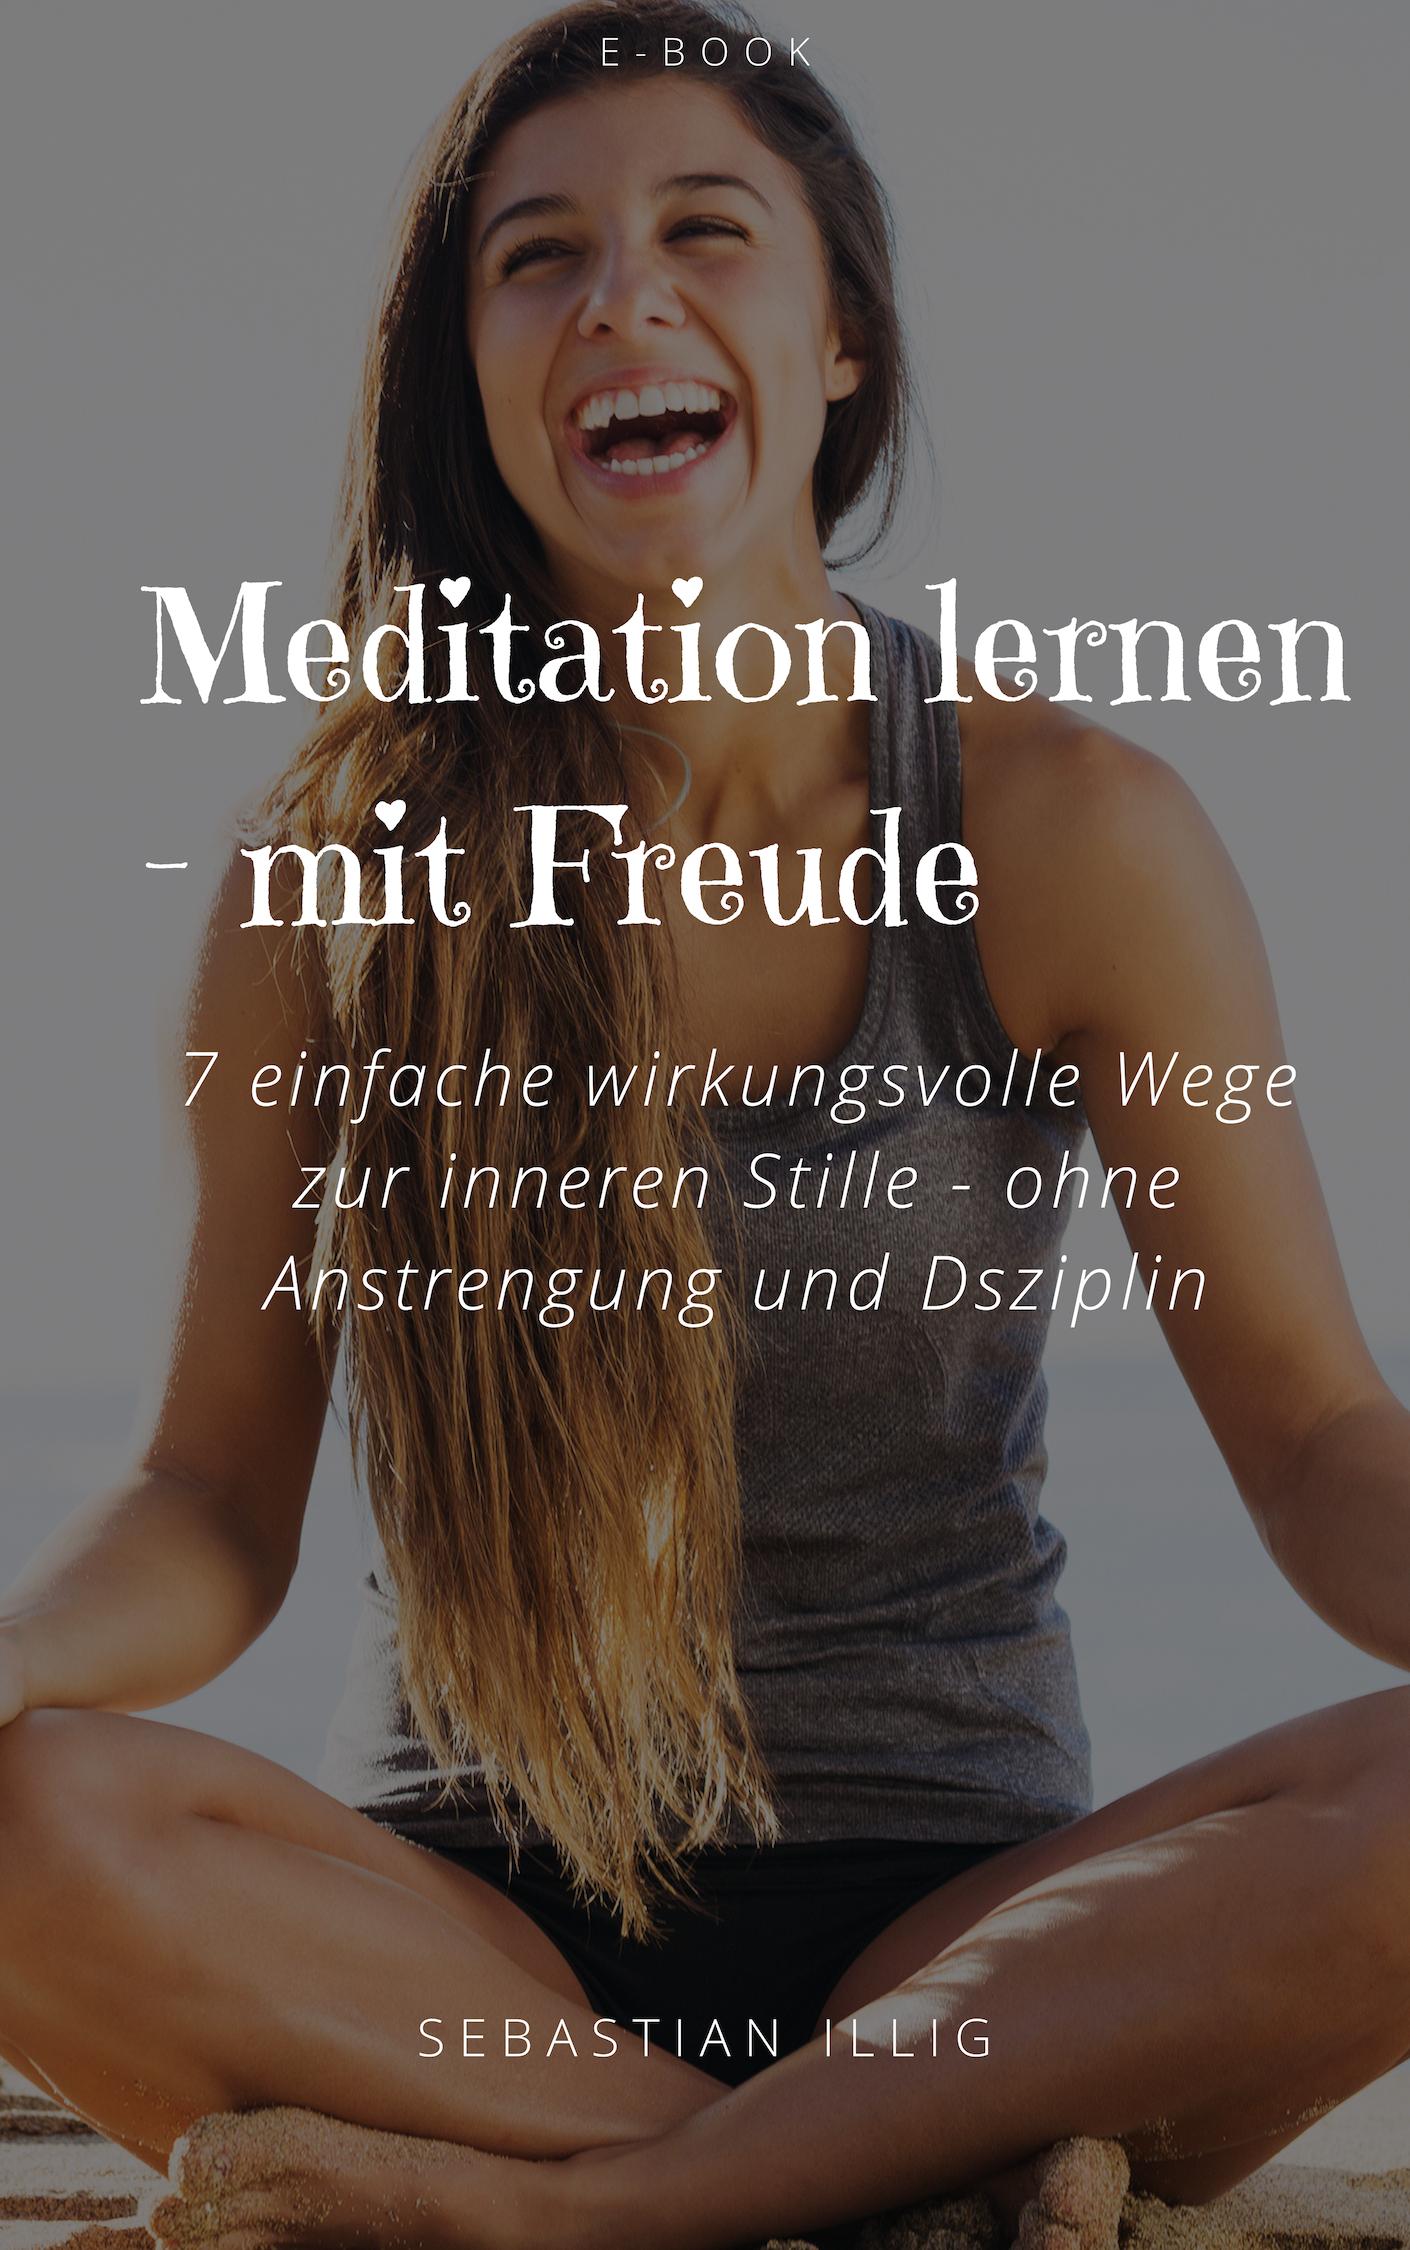 Meditation lernen - Ebook (Sebastian Illlig)